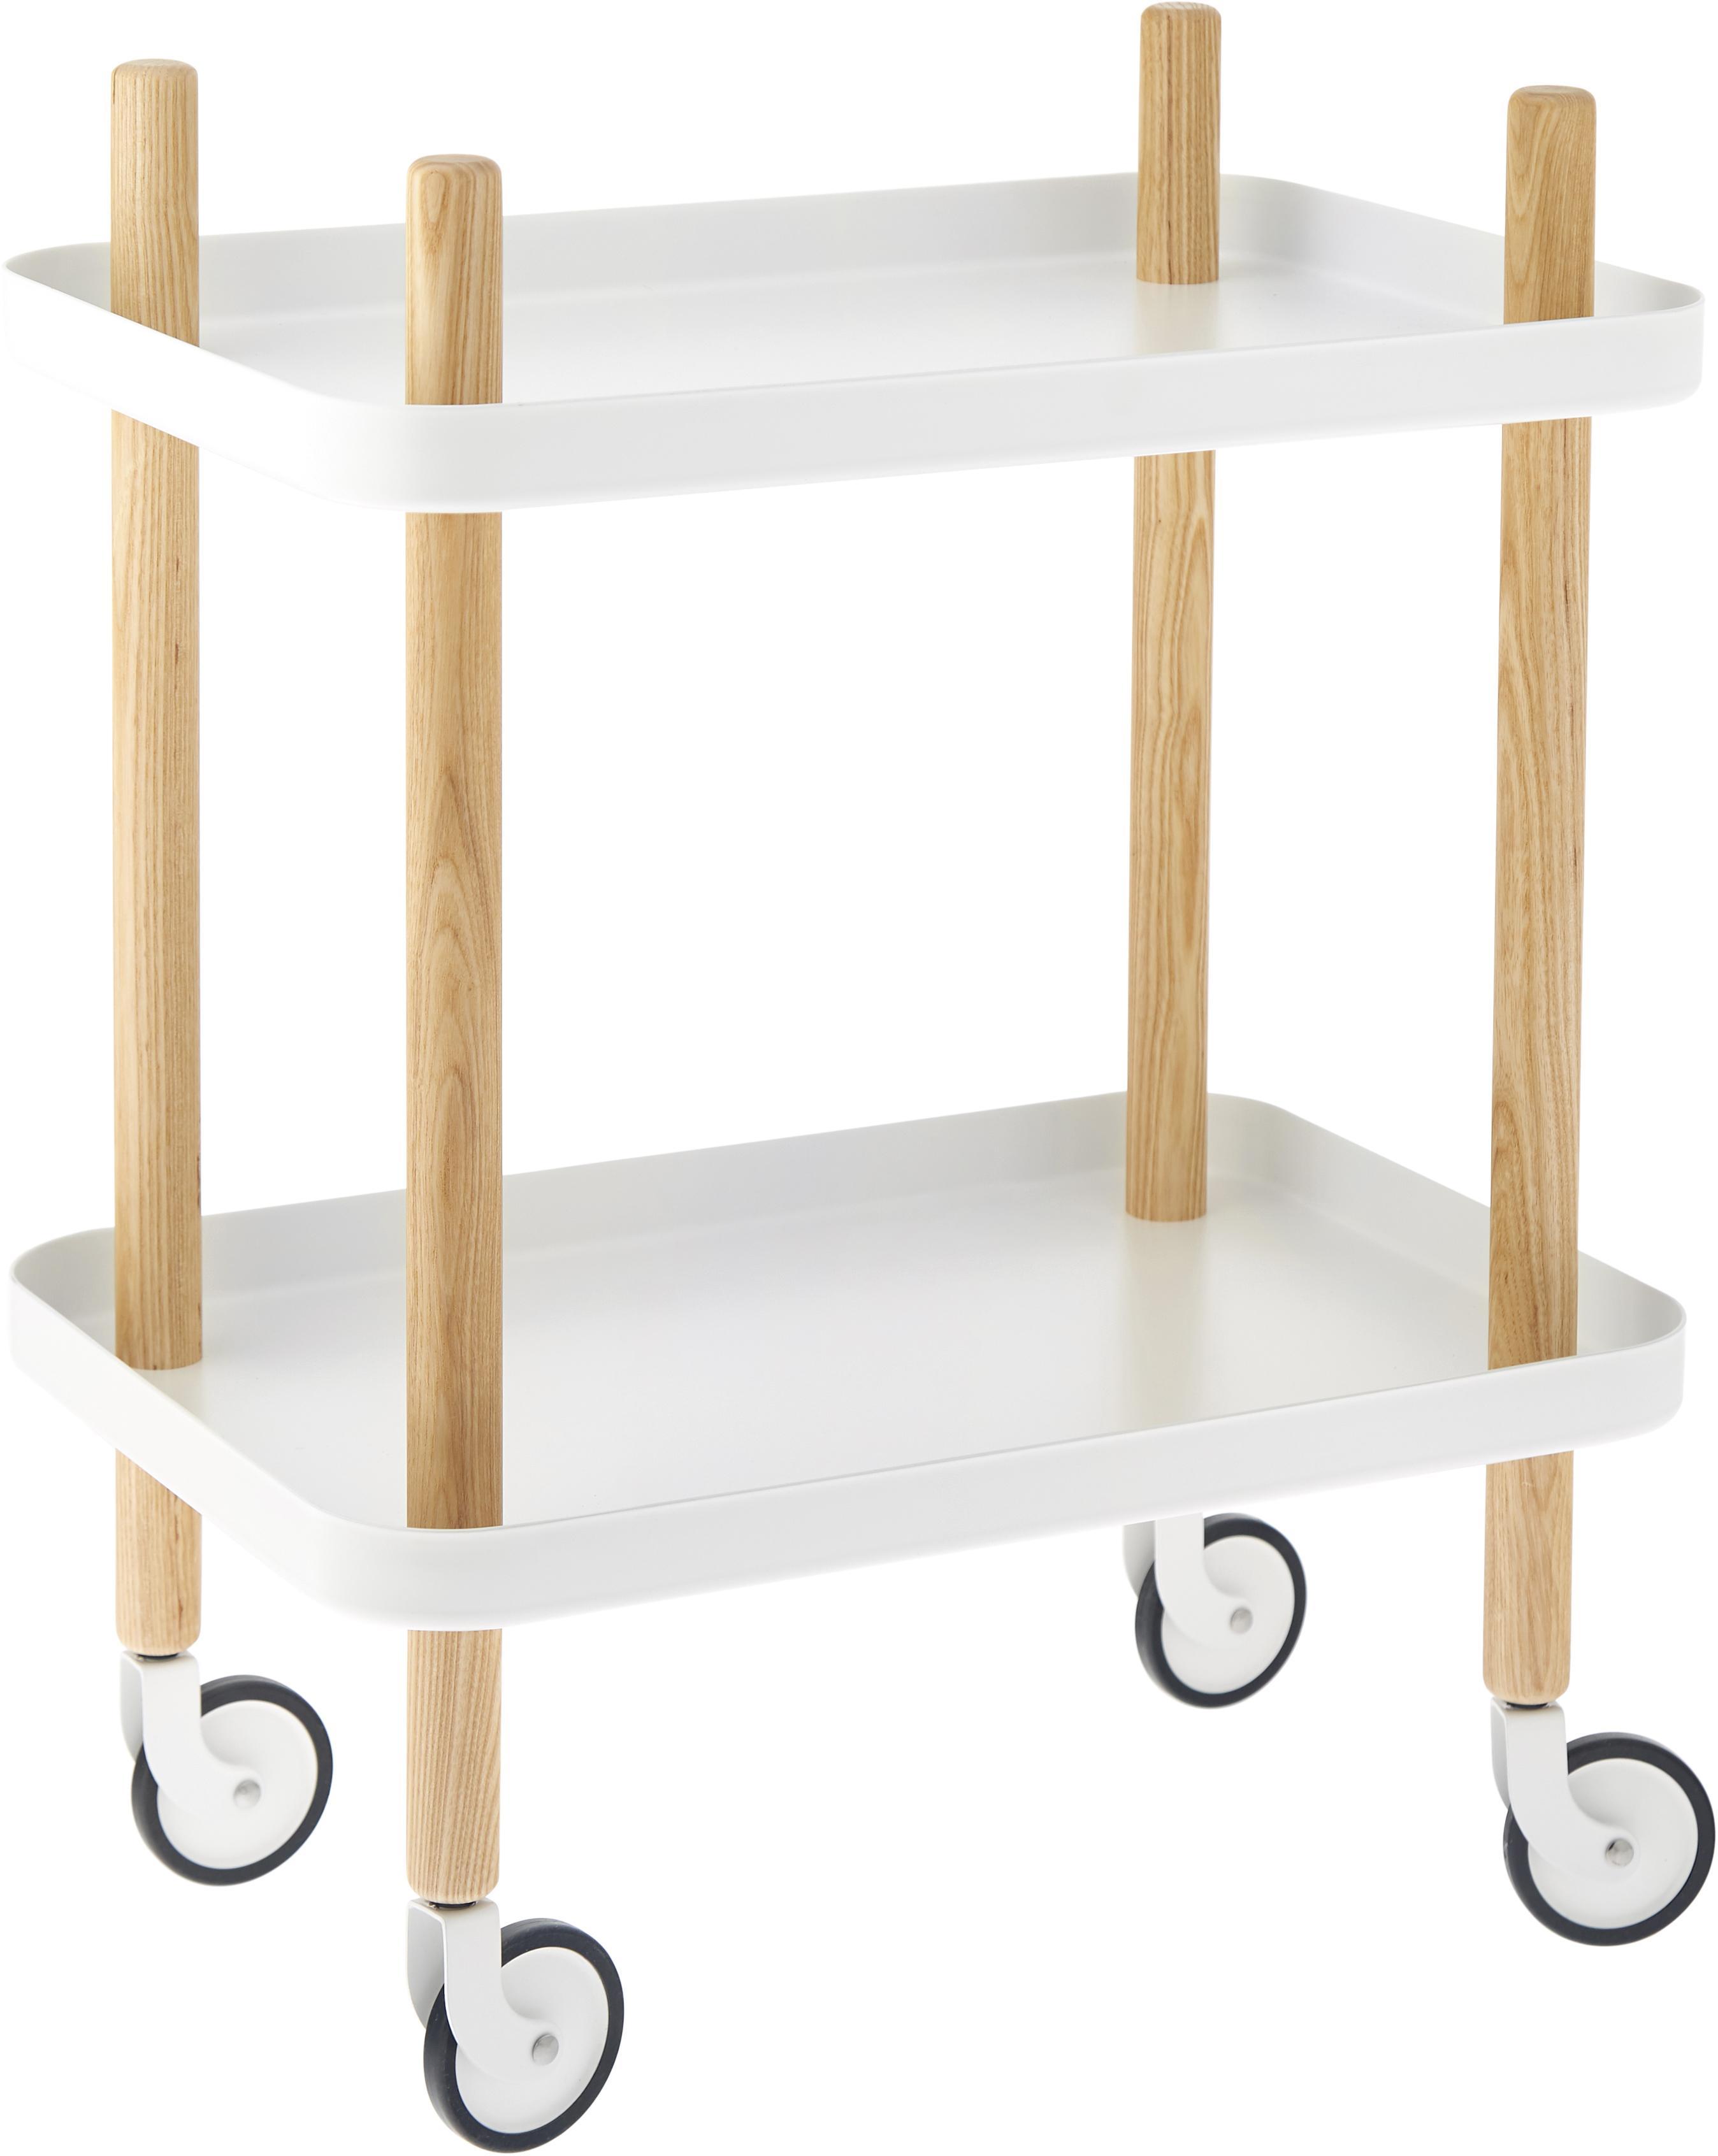 Beistelltisch Block im Skandi Design, Ablageböden: Stahl, Rahmen: Eschenholz, Rollen: Stahl, Gummi, Weiß, 50 x 64 cm